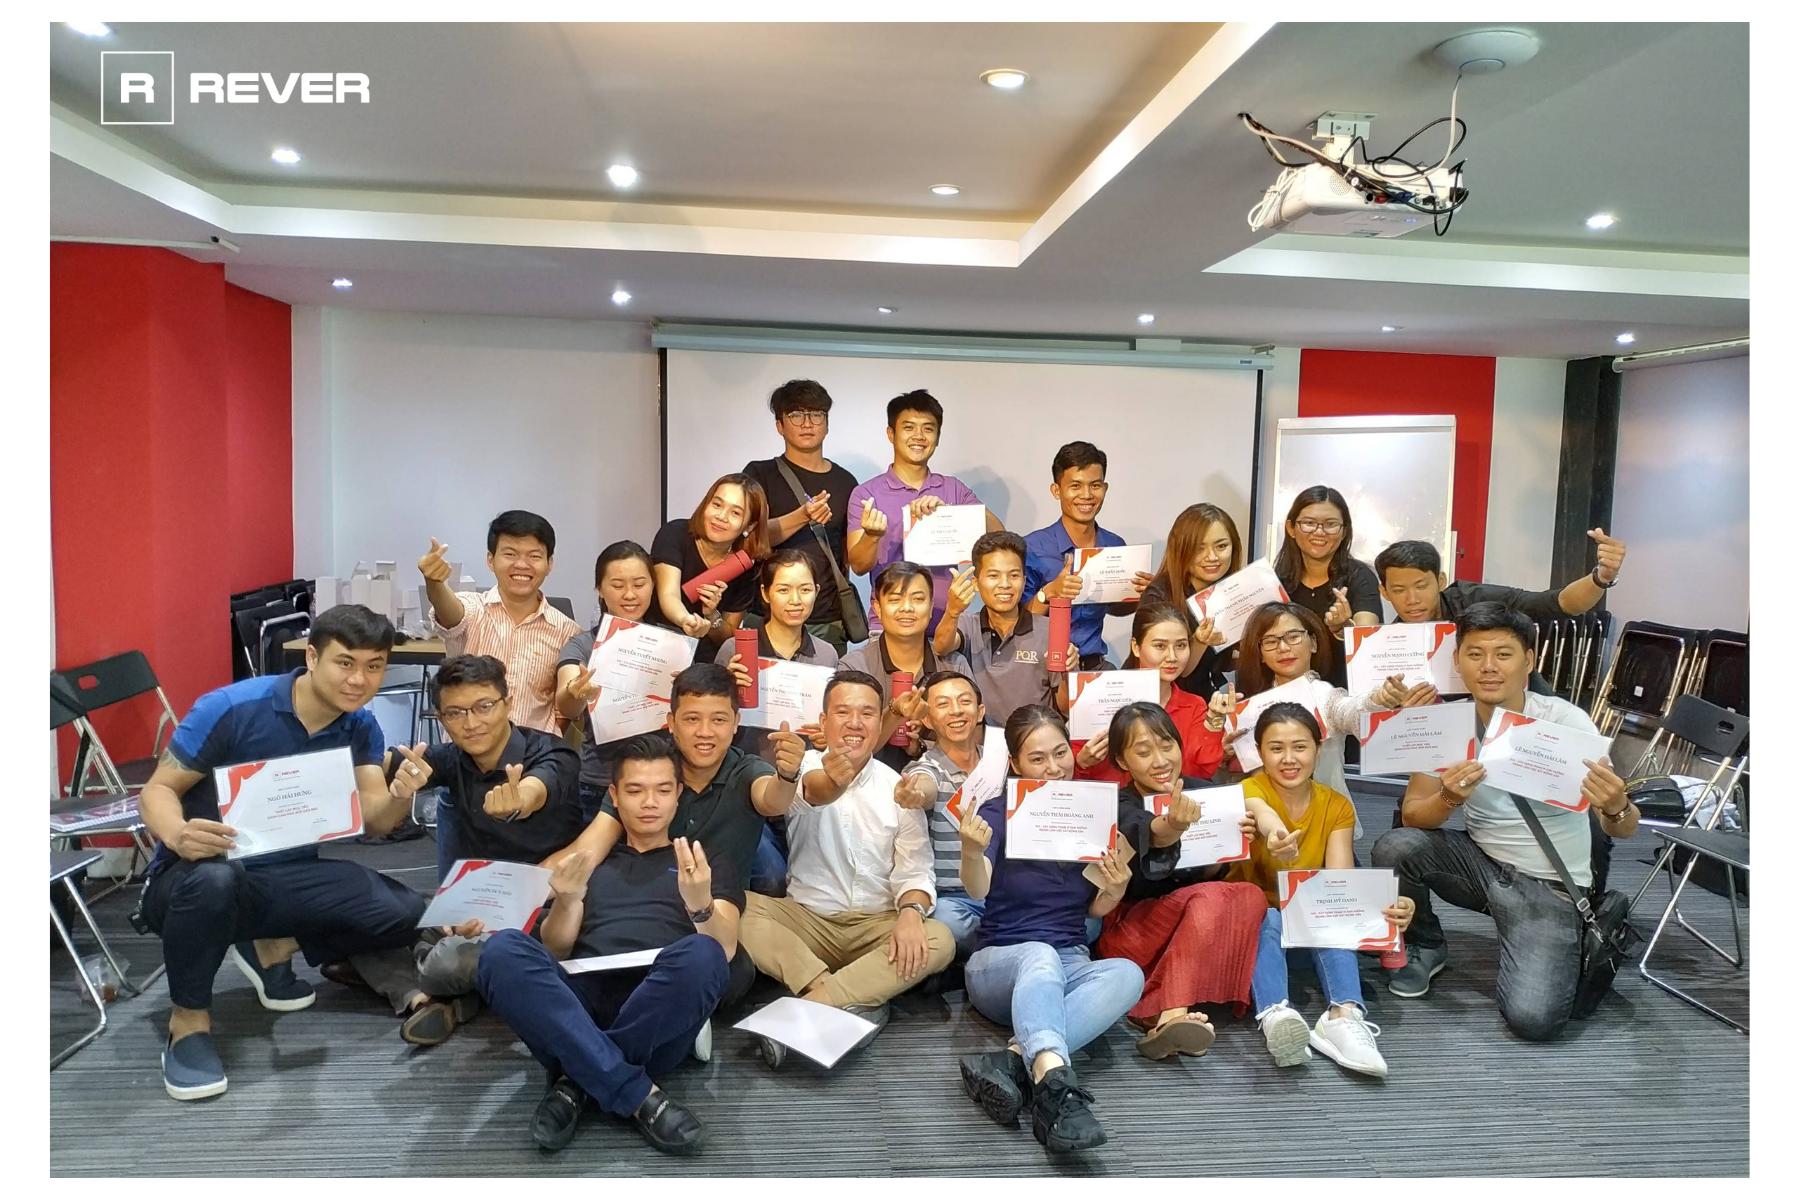 Rever và lộ trình đào tạo môi giới chuyên nghiệp